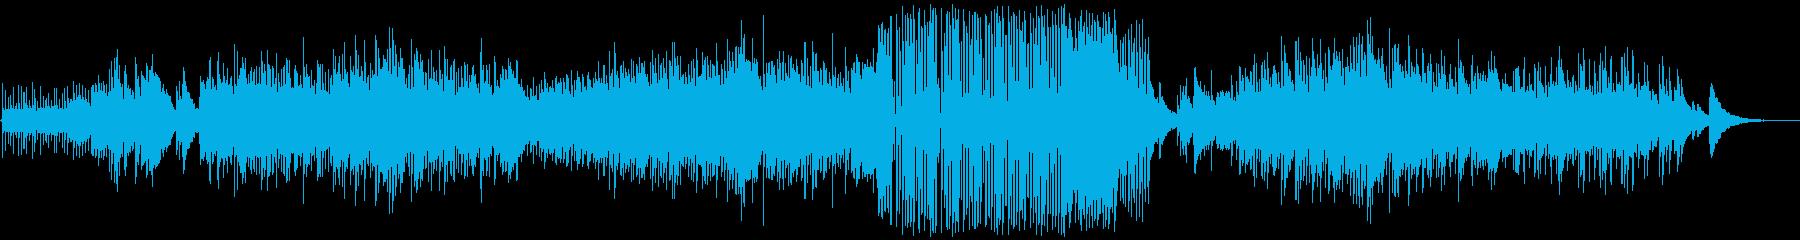 癒されるソロギターによるバラードの再生済みの波形